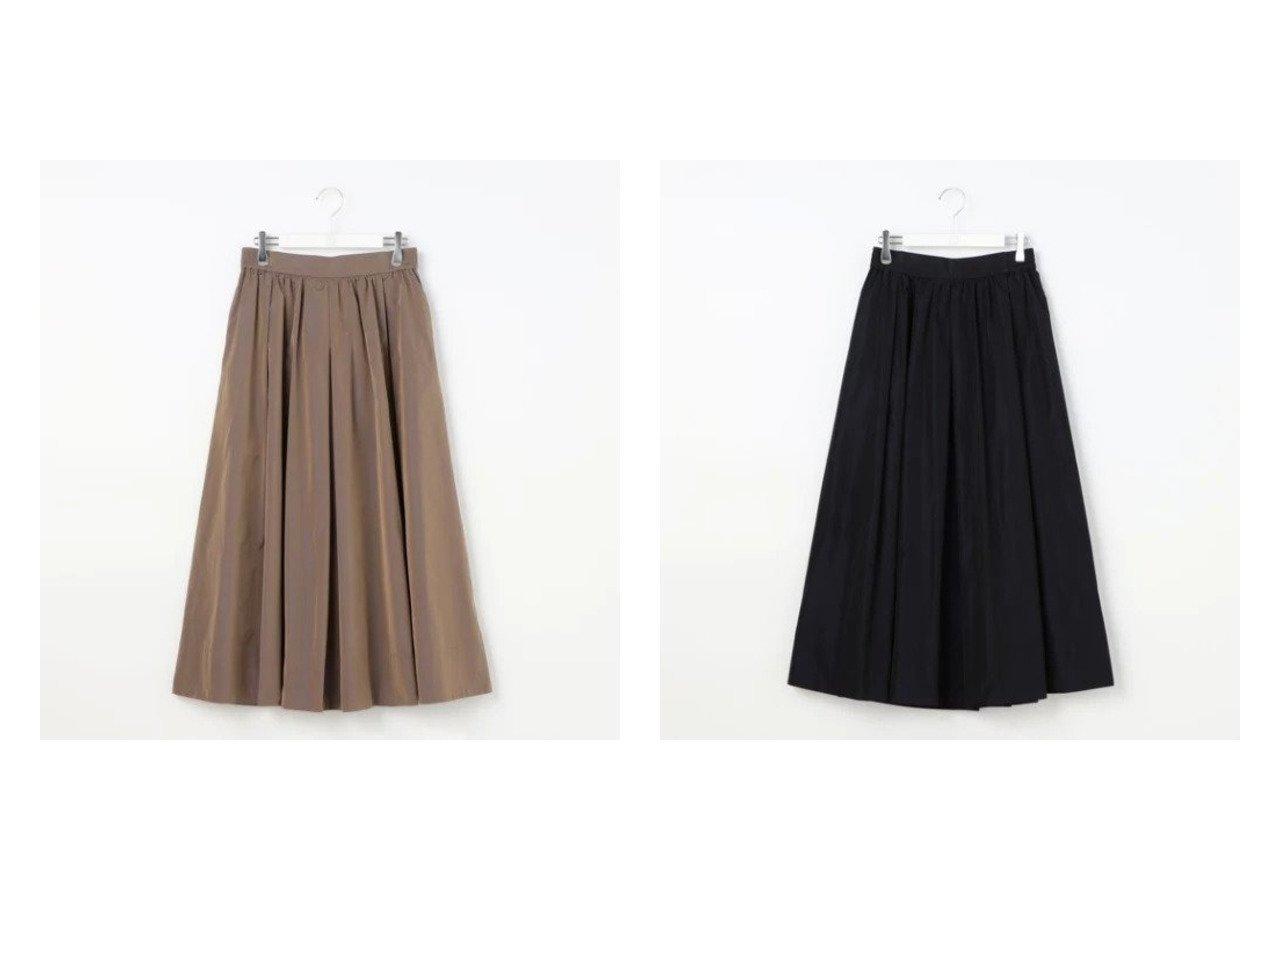 【Ravissant Laviere/ラヴィソンラヴィエール】のシャンブレータフタギャザースカート 【スカート】おすすめ!人気、トレンド・レディースファッションの通販 おすすめで人気の流行・トレンド、ファッションの通販商品 インテリア・家具・メンズファッション・キッズファッション・レディースファッション・服の通販 founy(ファニー) https://founy.com/ ファッション Fashion レディースファッション WOMEN スカート Skirt 2021年 2021 2021-2022秋冬・A/W AW・Autumn/Winter・FW・Fall-Winter・2021-2022 A/W・秋冬 AW・Autumn/Winter・FW・Fall-Winter おすすめ Recommend イタリア ギャザー シャンブレー タフタ 軽量 |ID:crp329100000065070